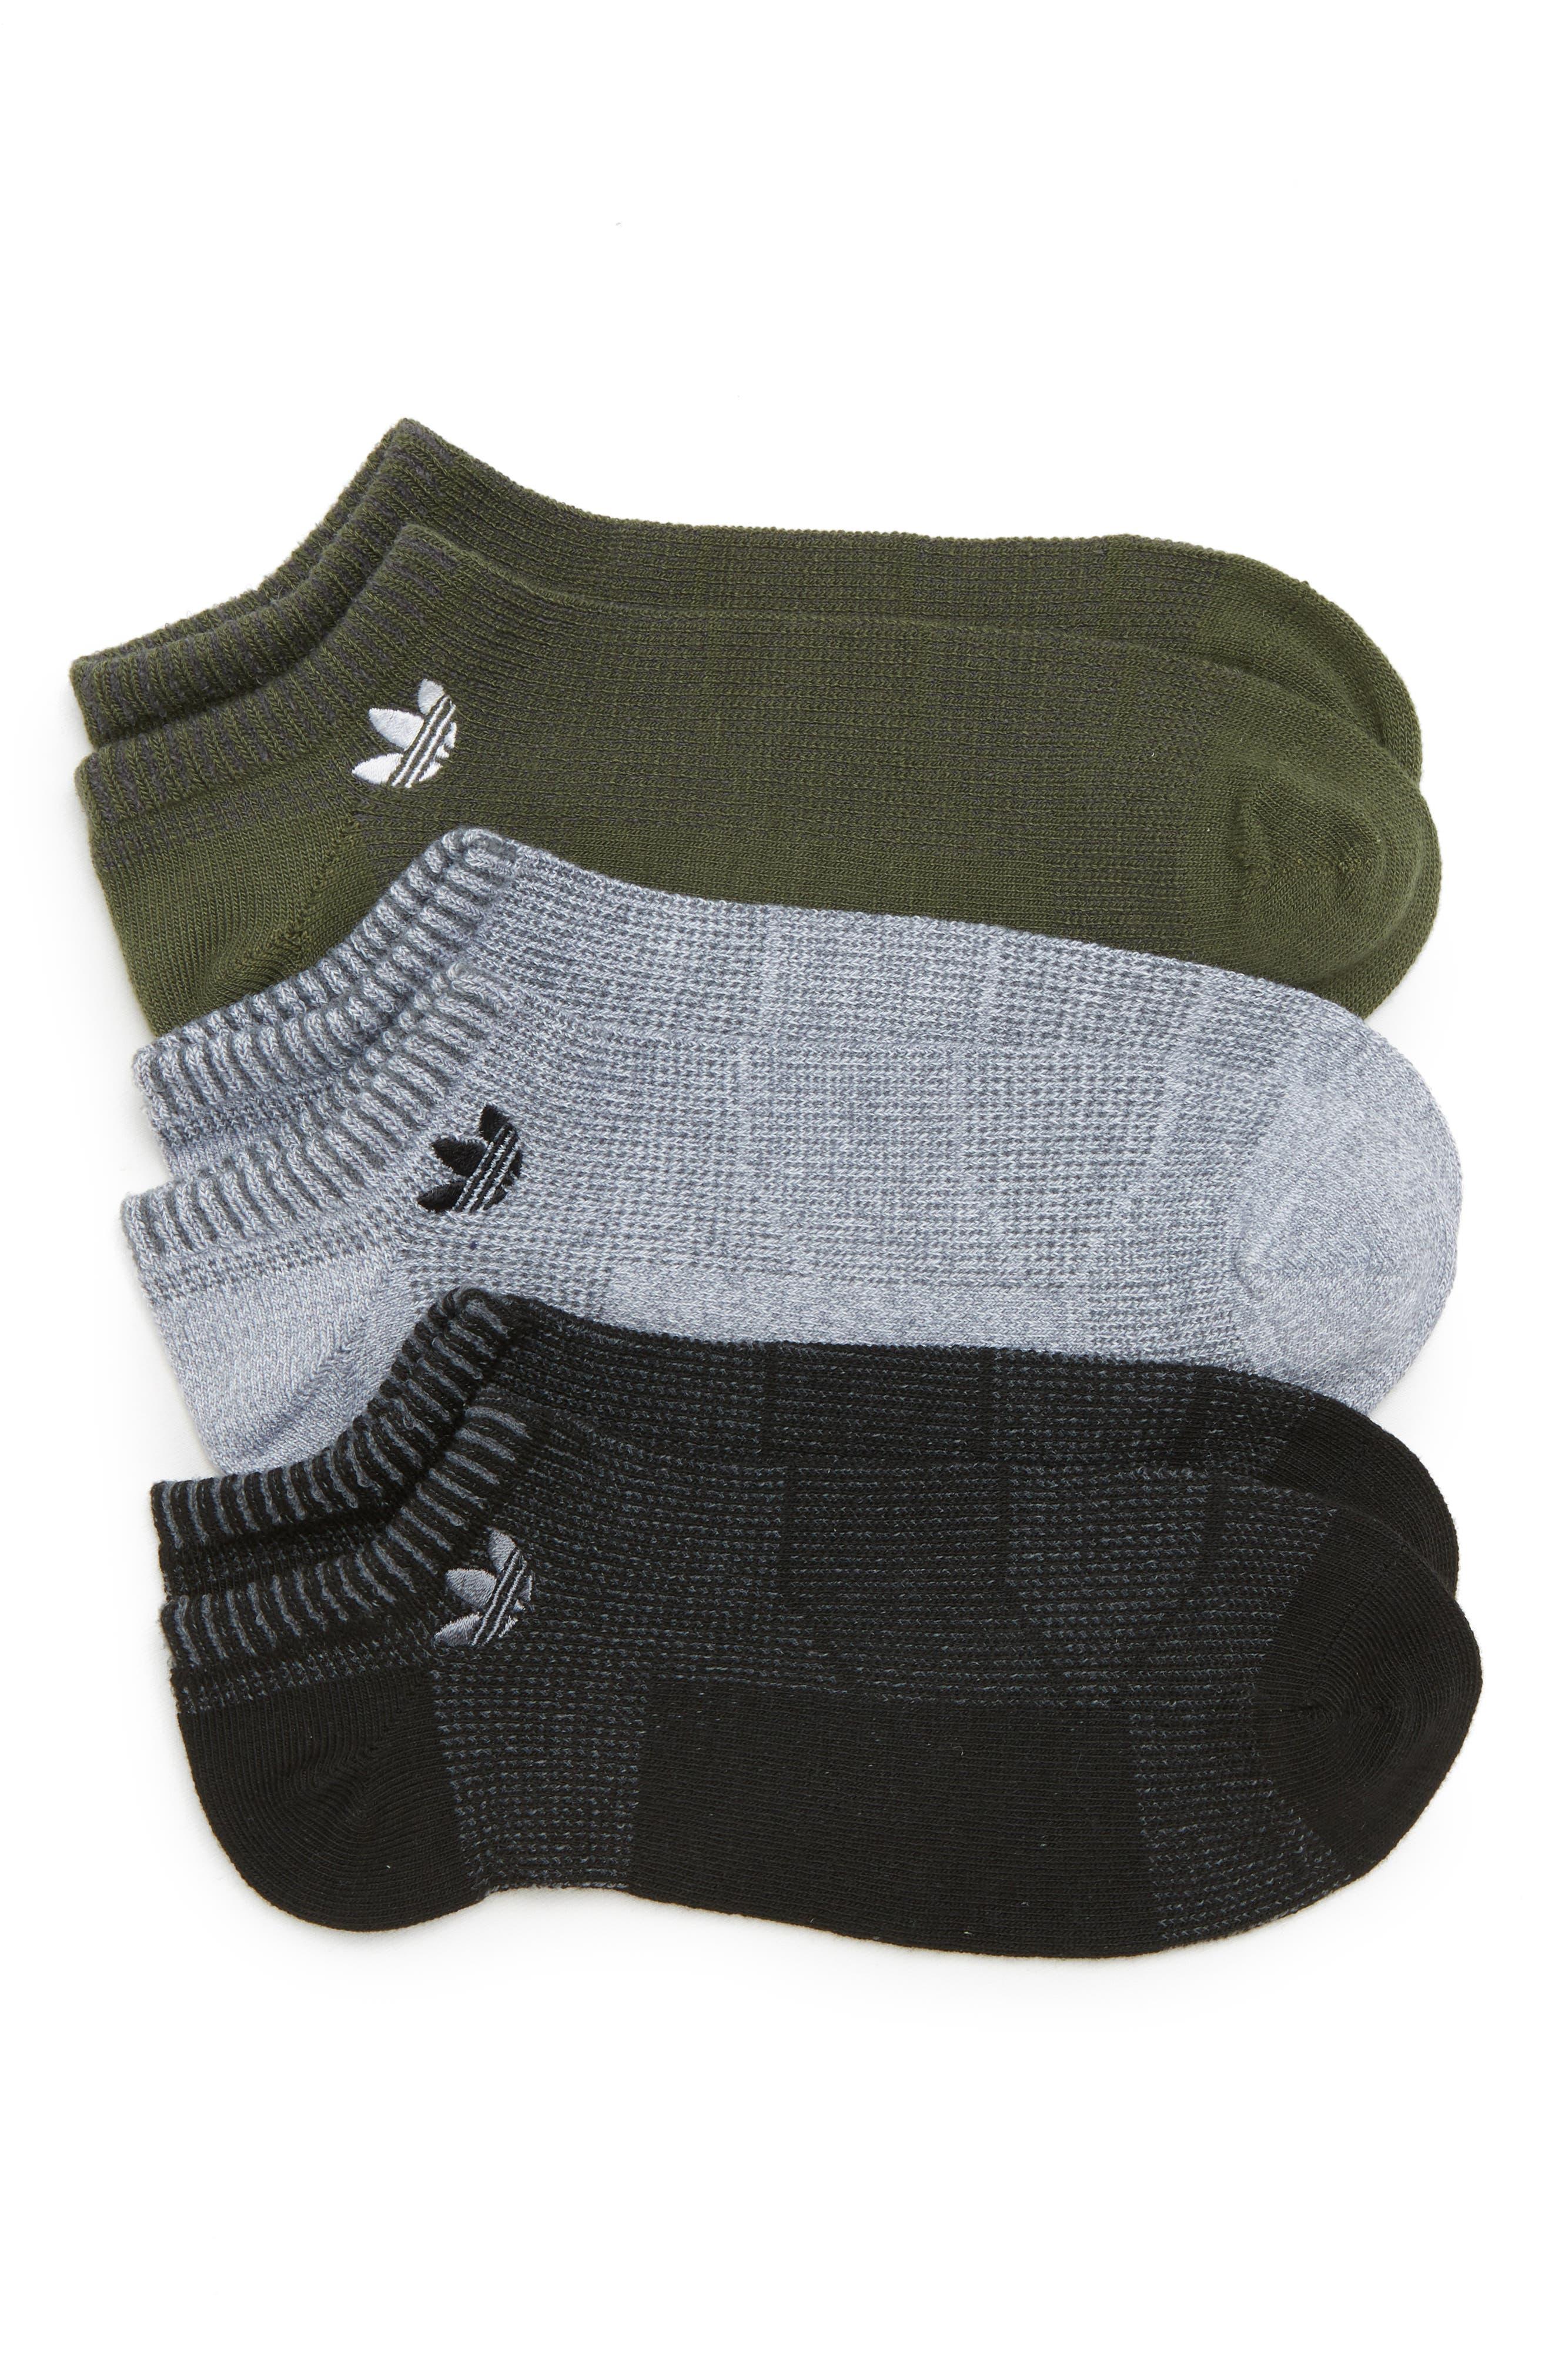 adidas Originals Prime Mesh II Assorted 3-Pack No-Show Socks